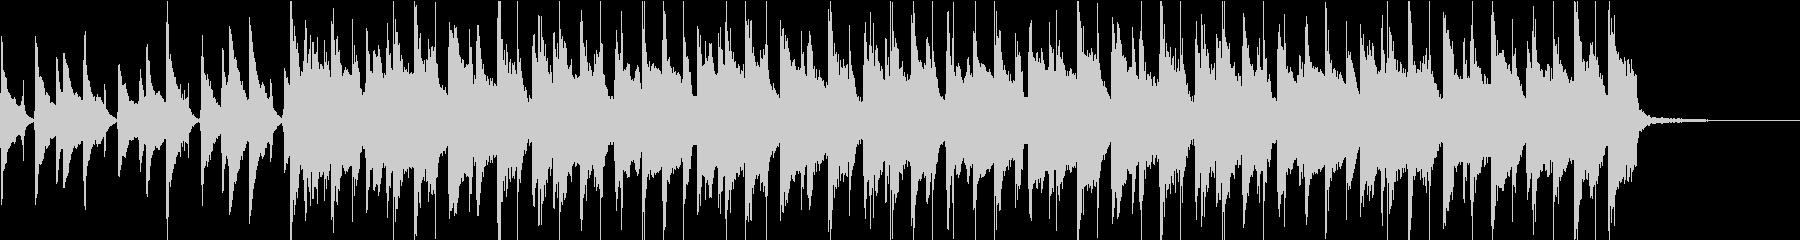 ウクレレほのぼのPOP・30秒ジングルの未再生の波形